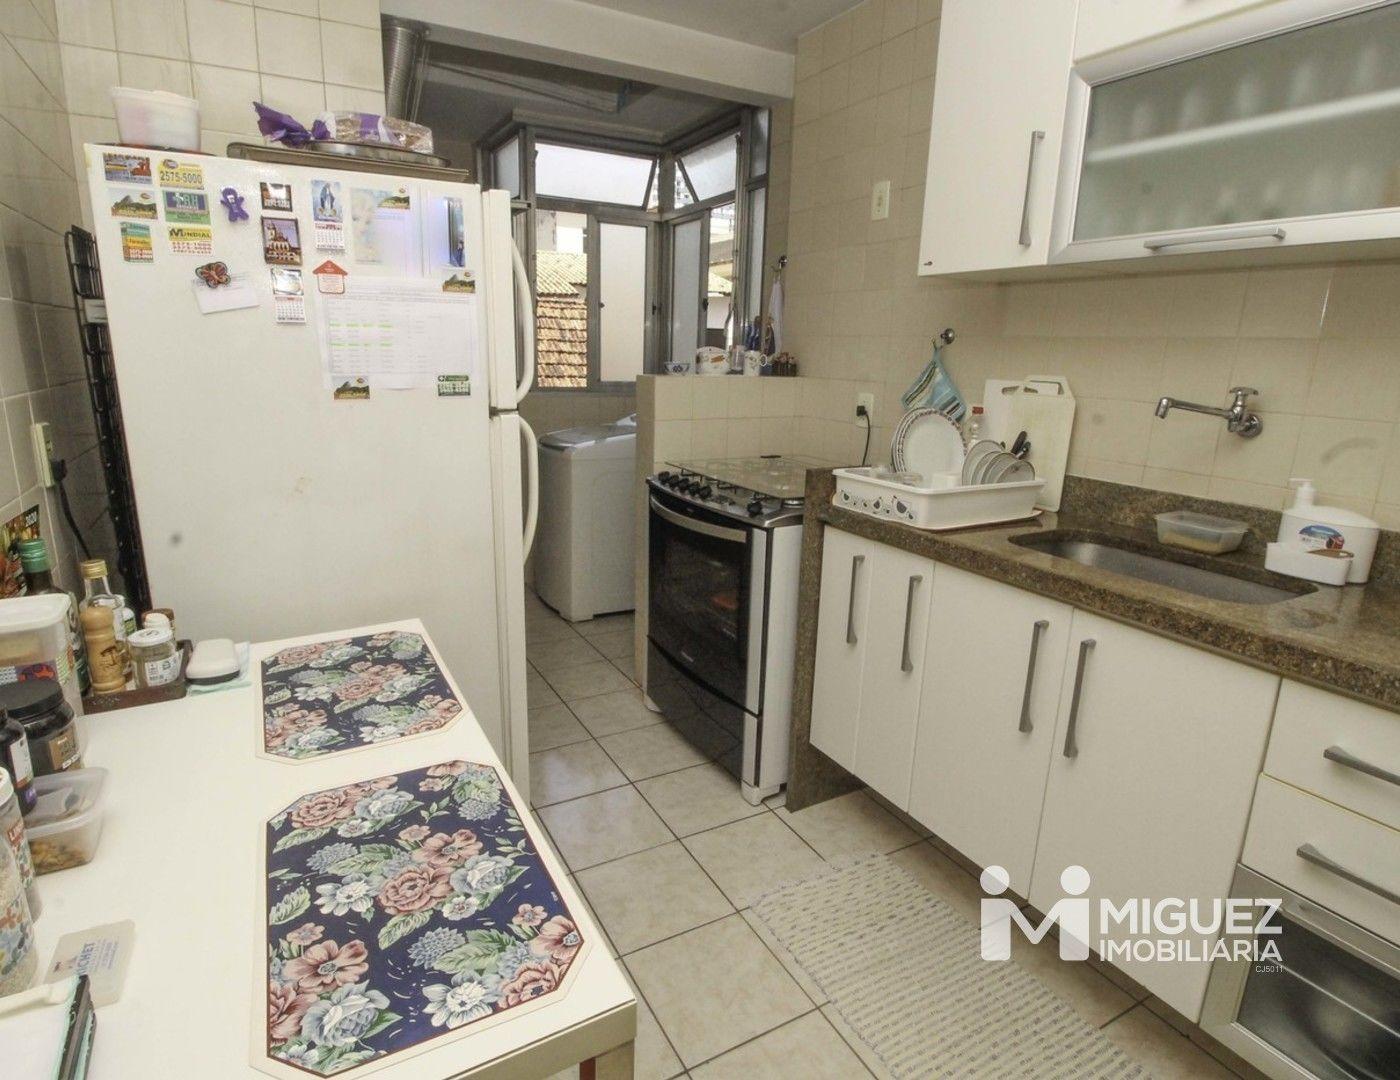 Apartamento, venda, Rua Marechal Trompowsky - Muda , Rio de janeiro